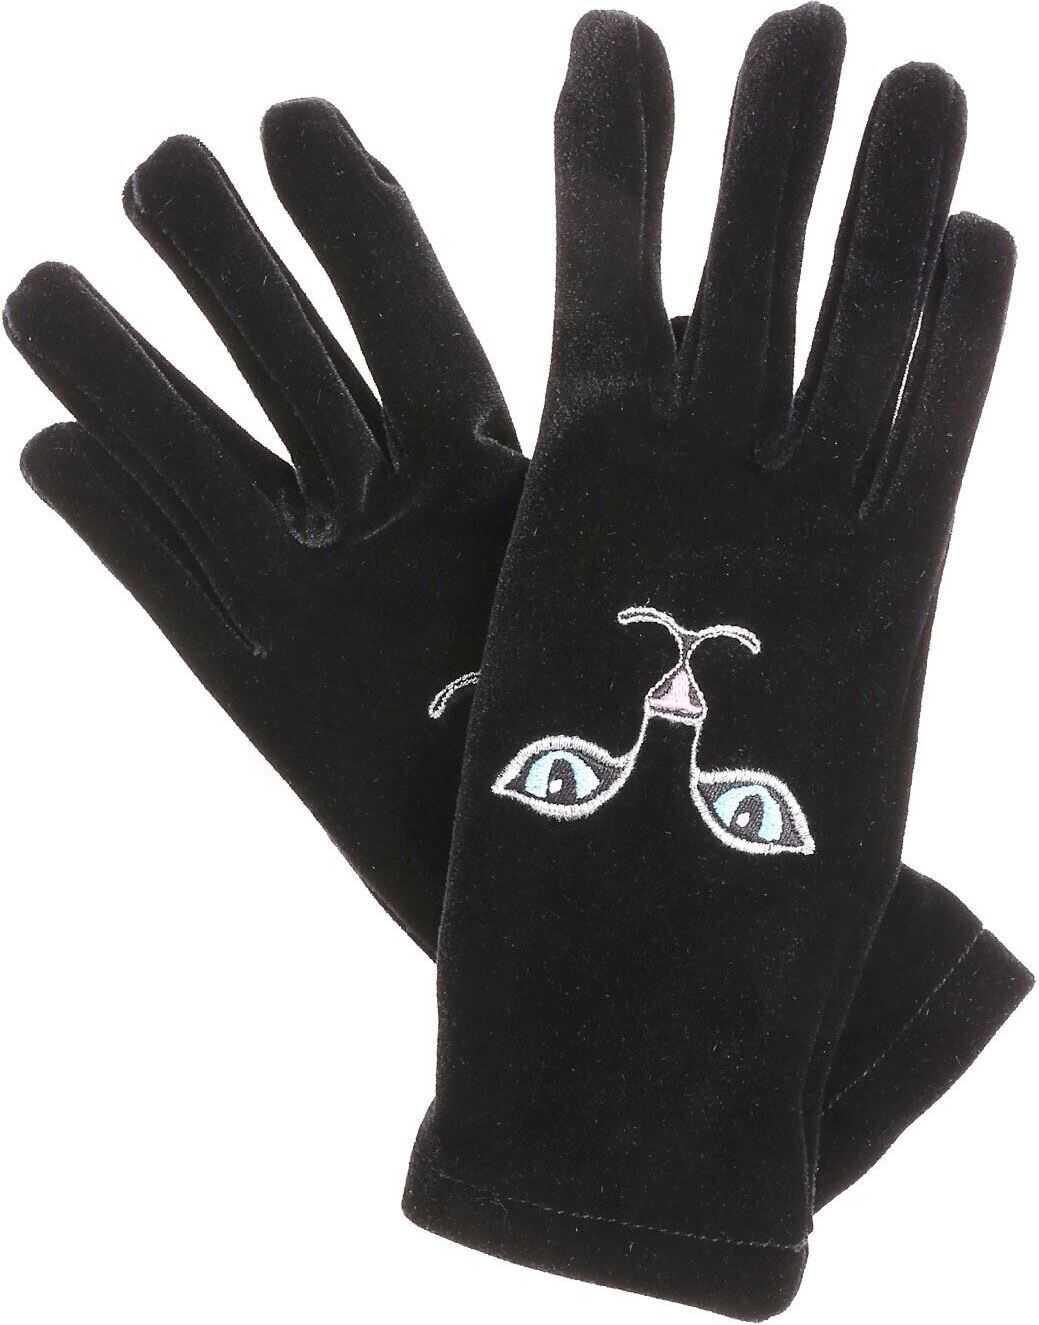 Vivetta Black Heise Cat Embroidered Gloves Black